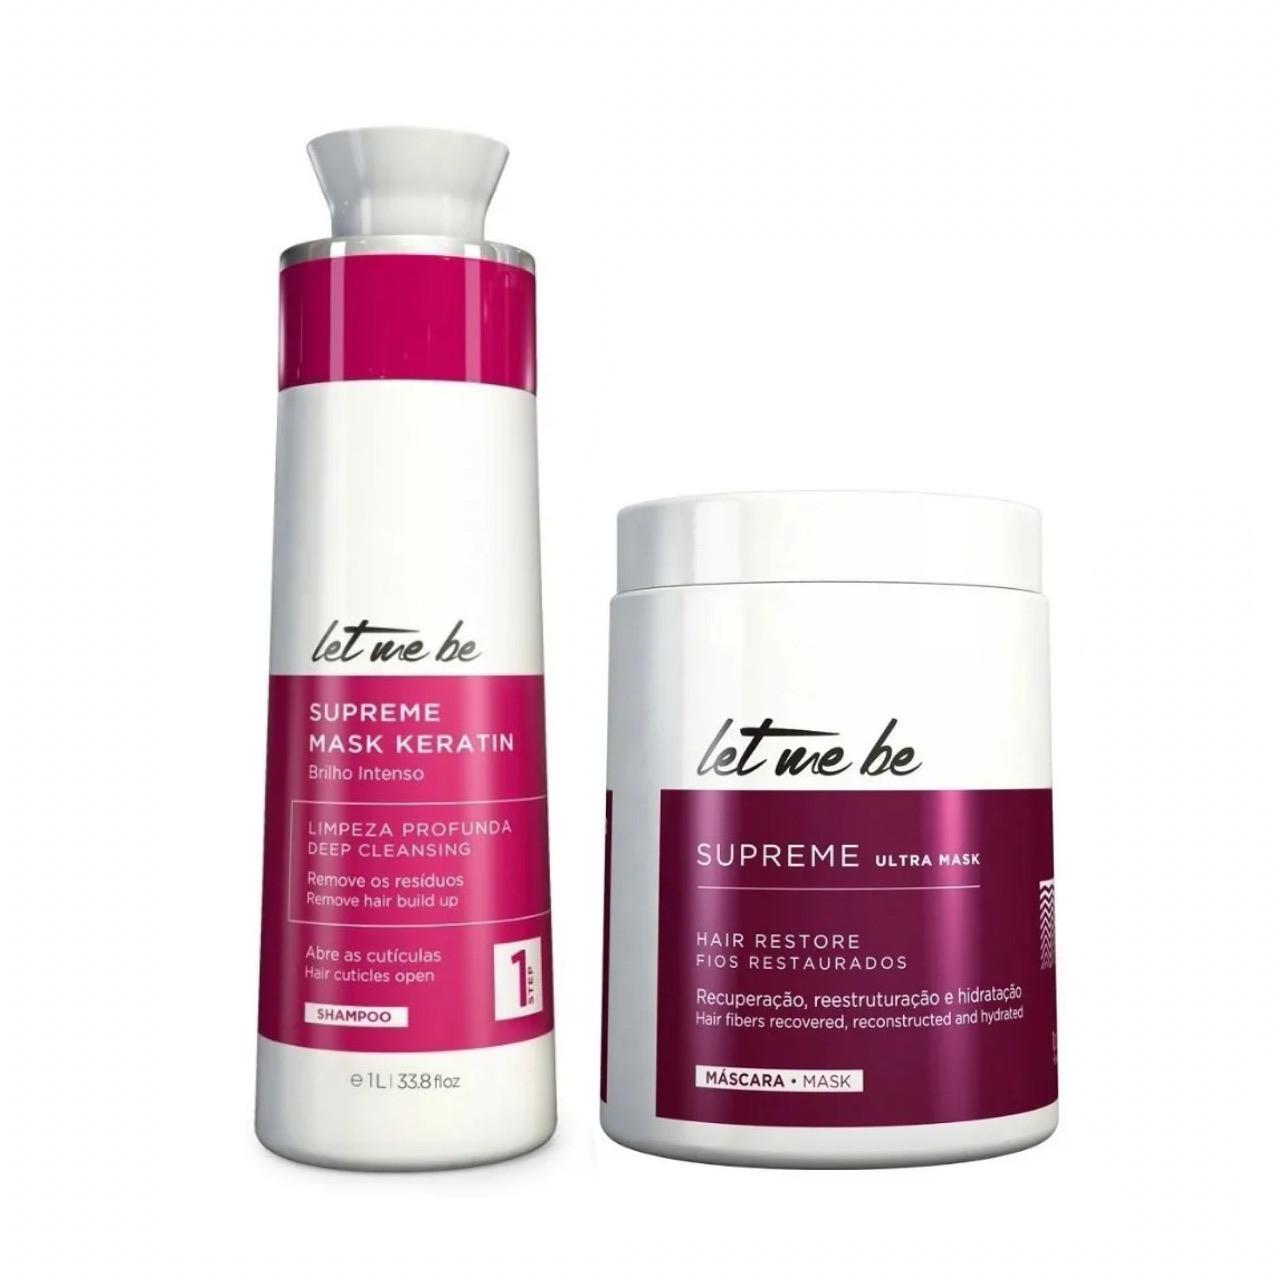 Let me be B-Btox Anti-aging Набор ботекс для волос 2х500 мл (разлив)